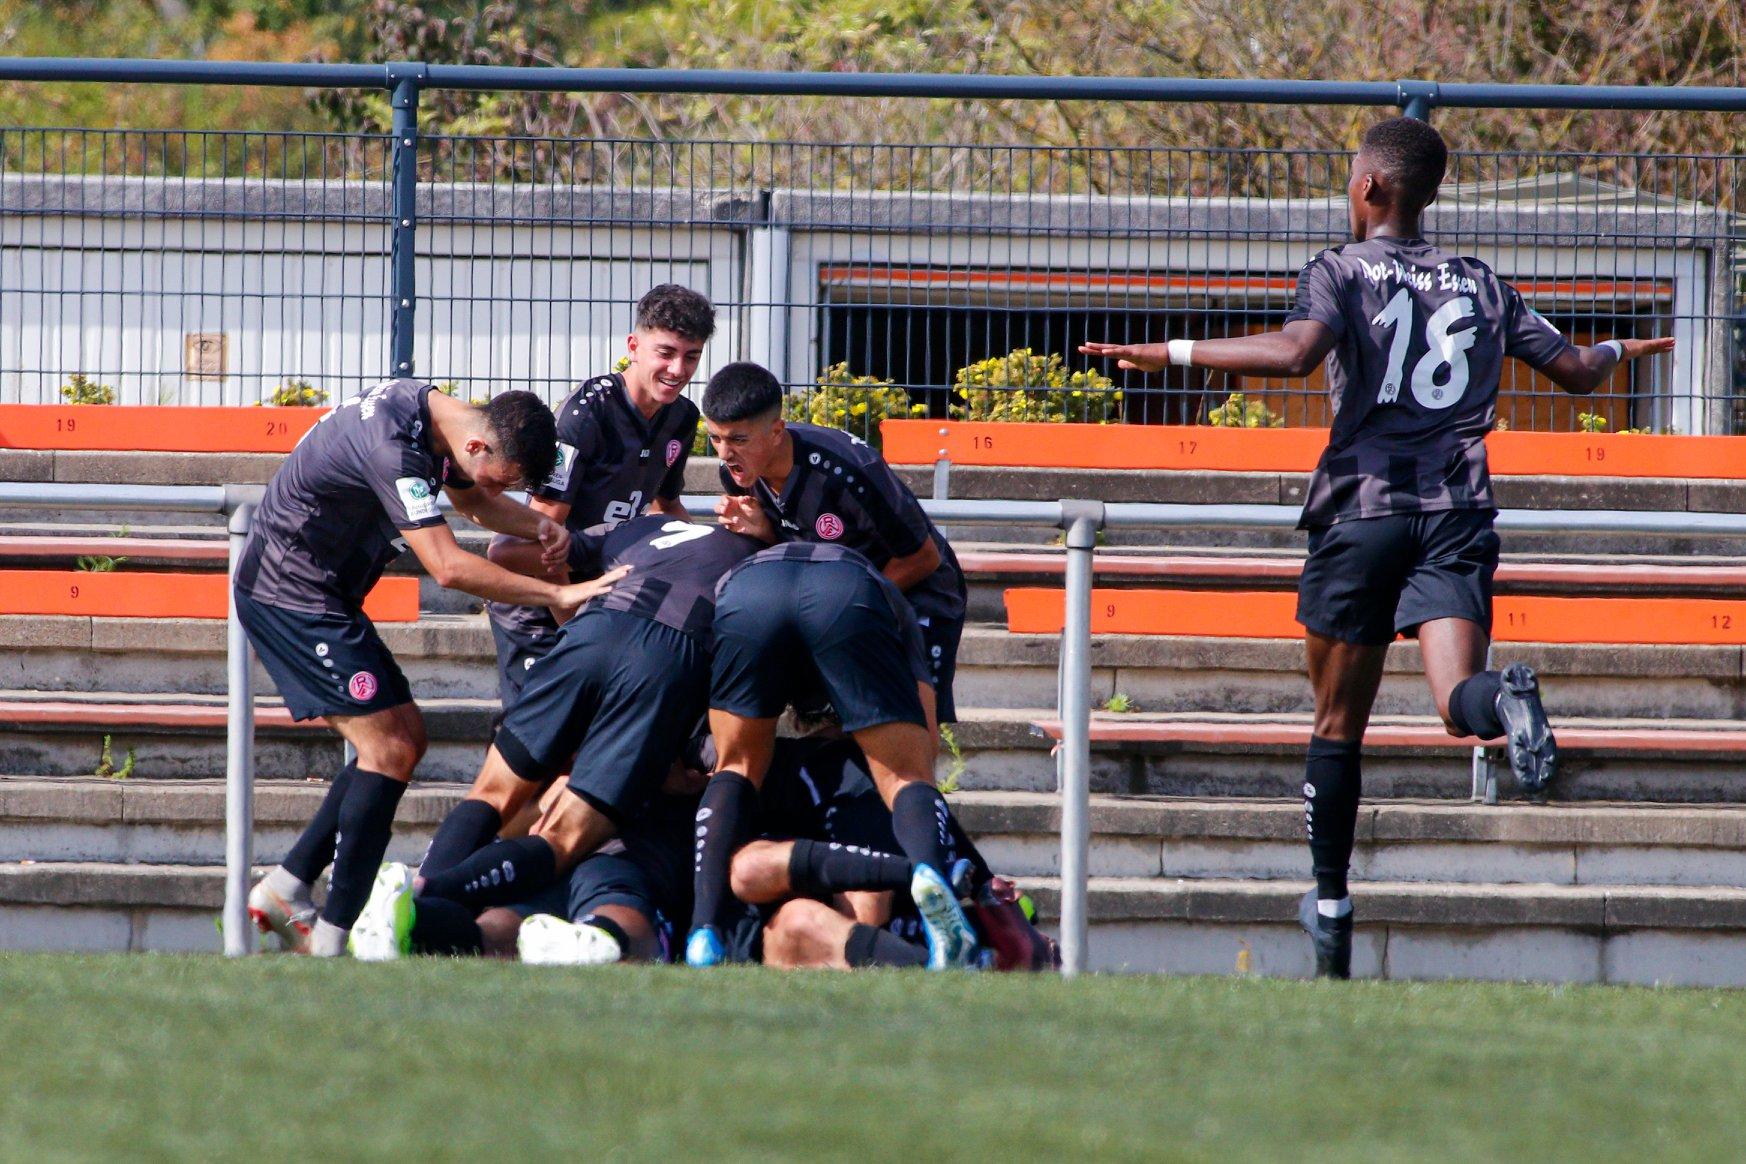 U19 gewinnt das dritte Spiel in Folge (Foto:Breilmannswiese)